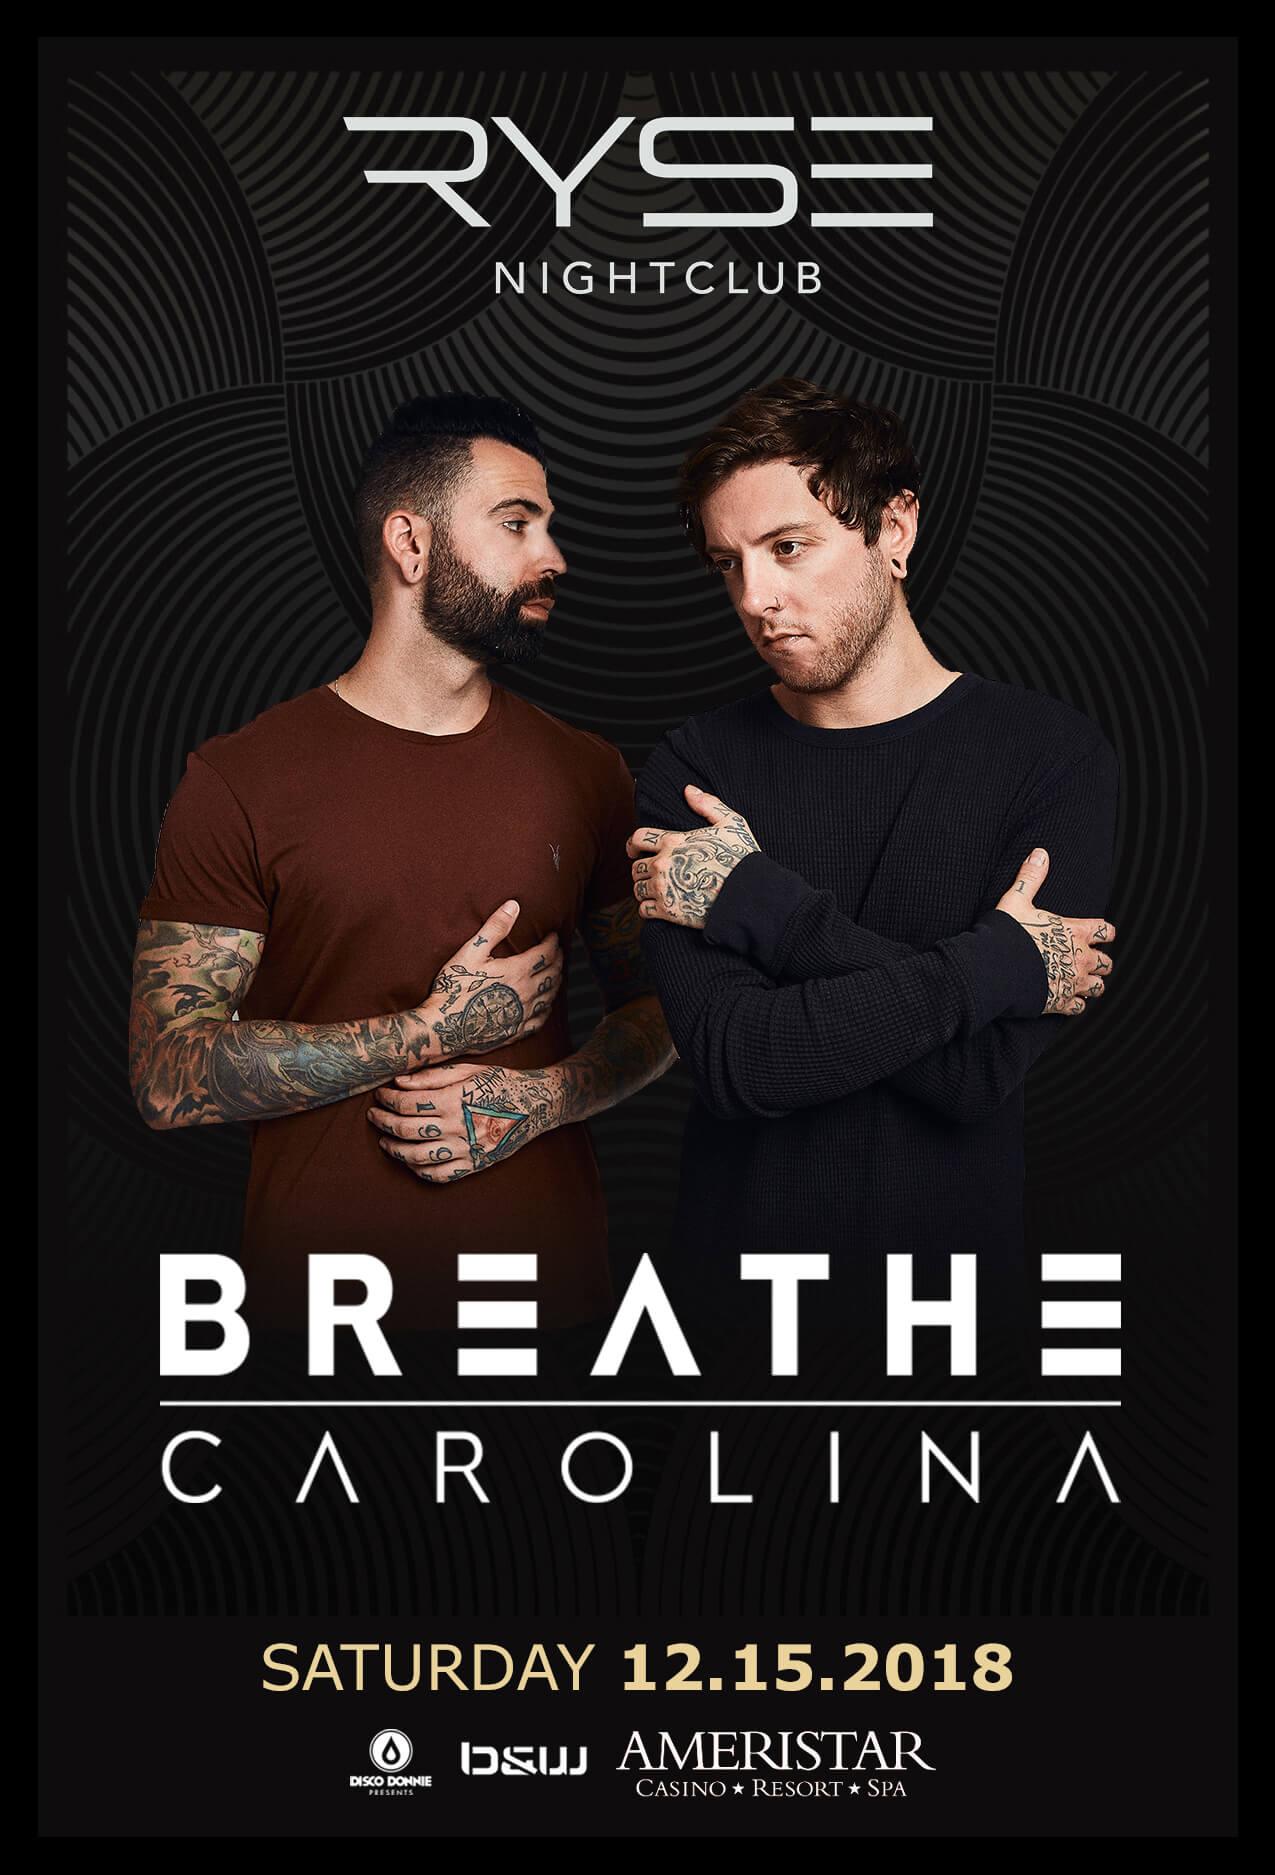 Breathe Carolina in St Charles